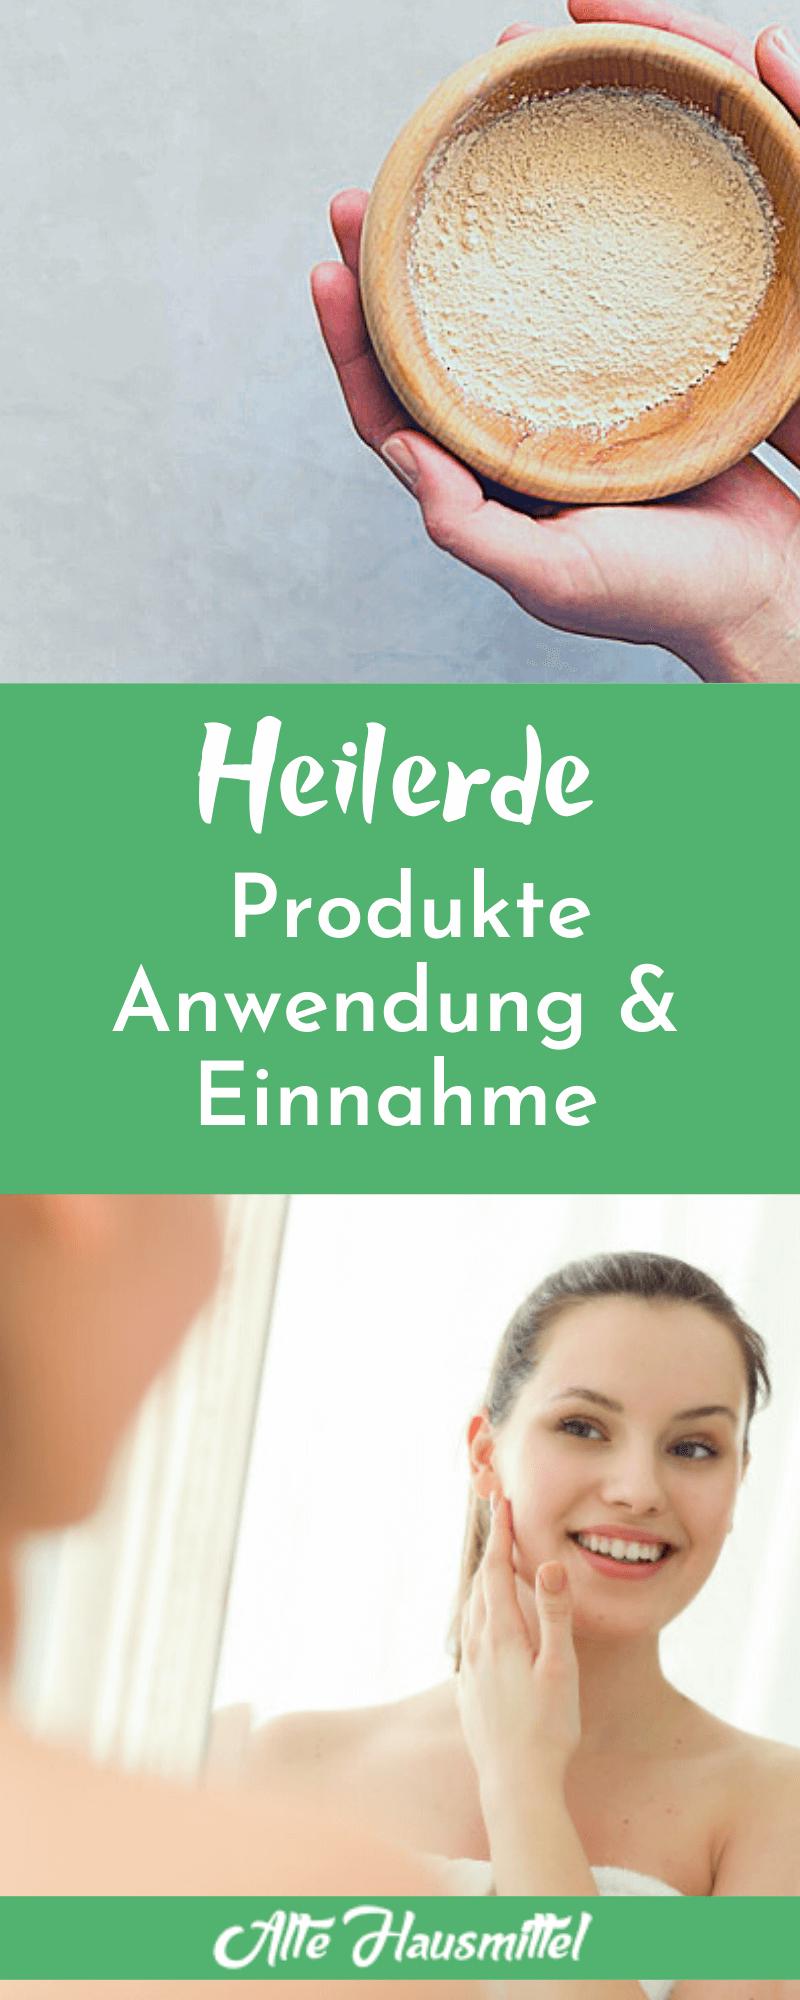 Heilerde Produkte Anwendung & Einnahme